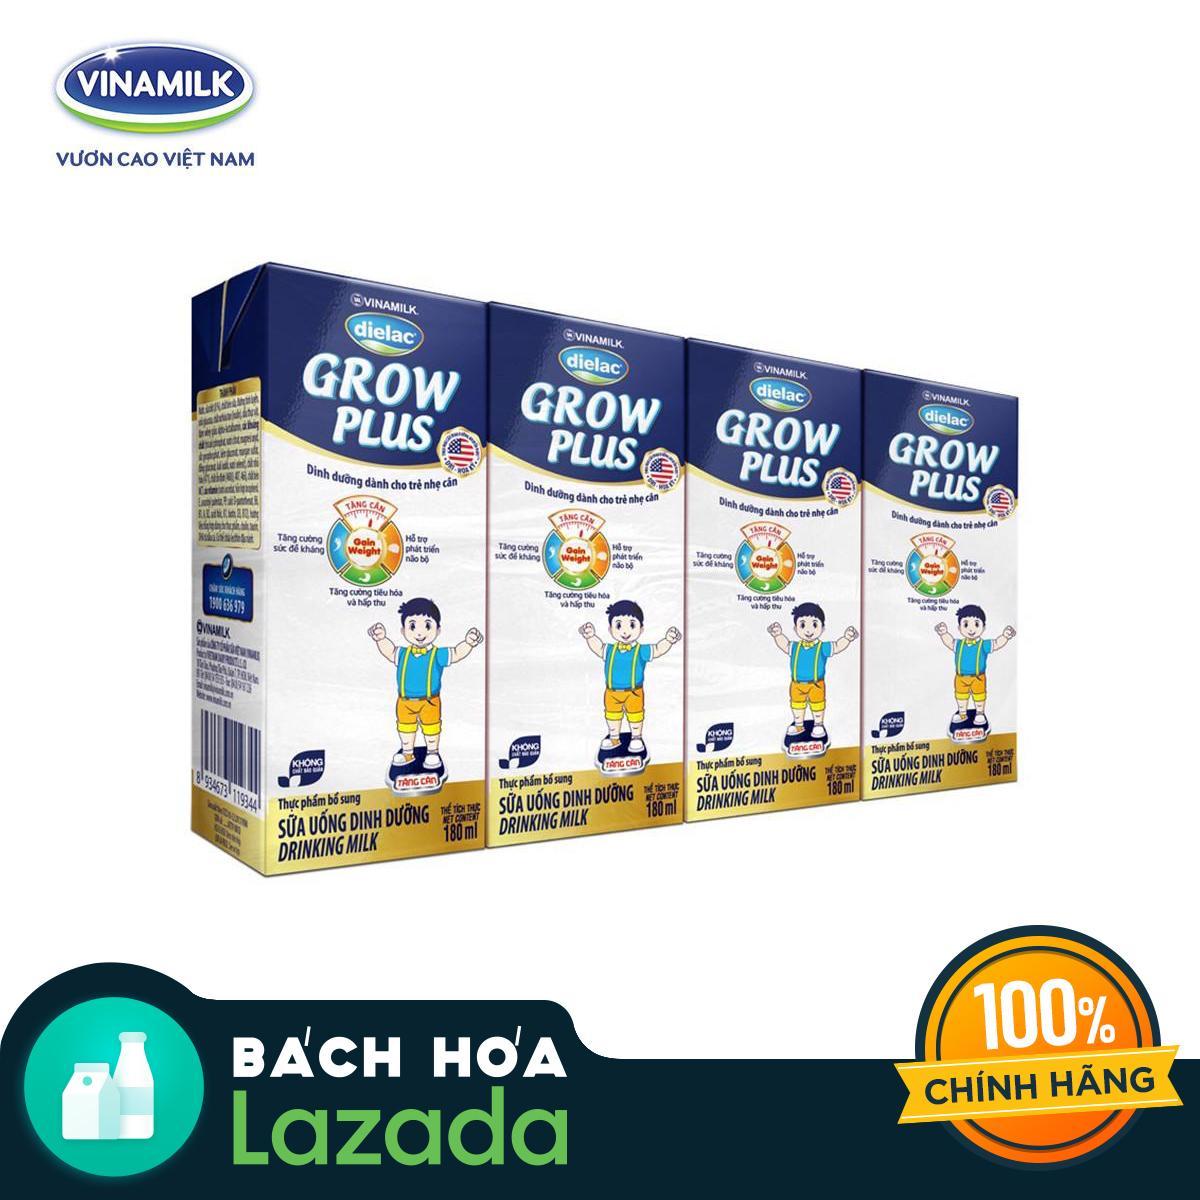 Lốc 4 Hộp Sữa Bột Pha Sẵn Dielac Grow Plus (Xanh) 180ml bonus